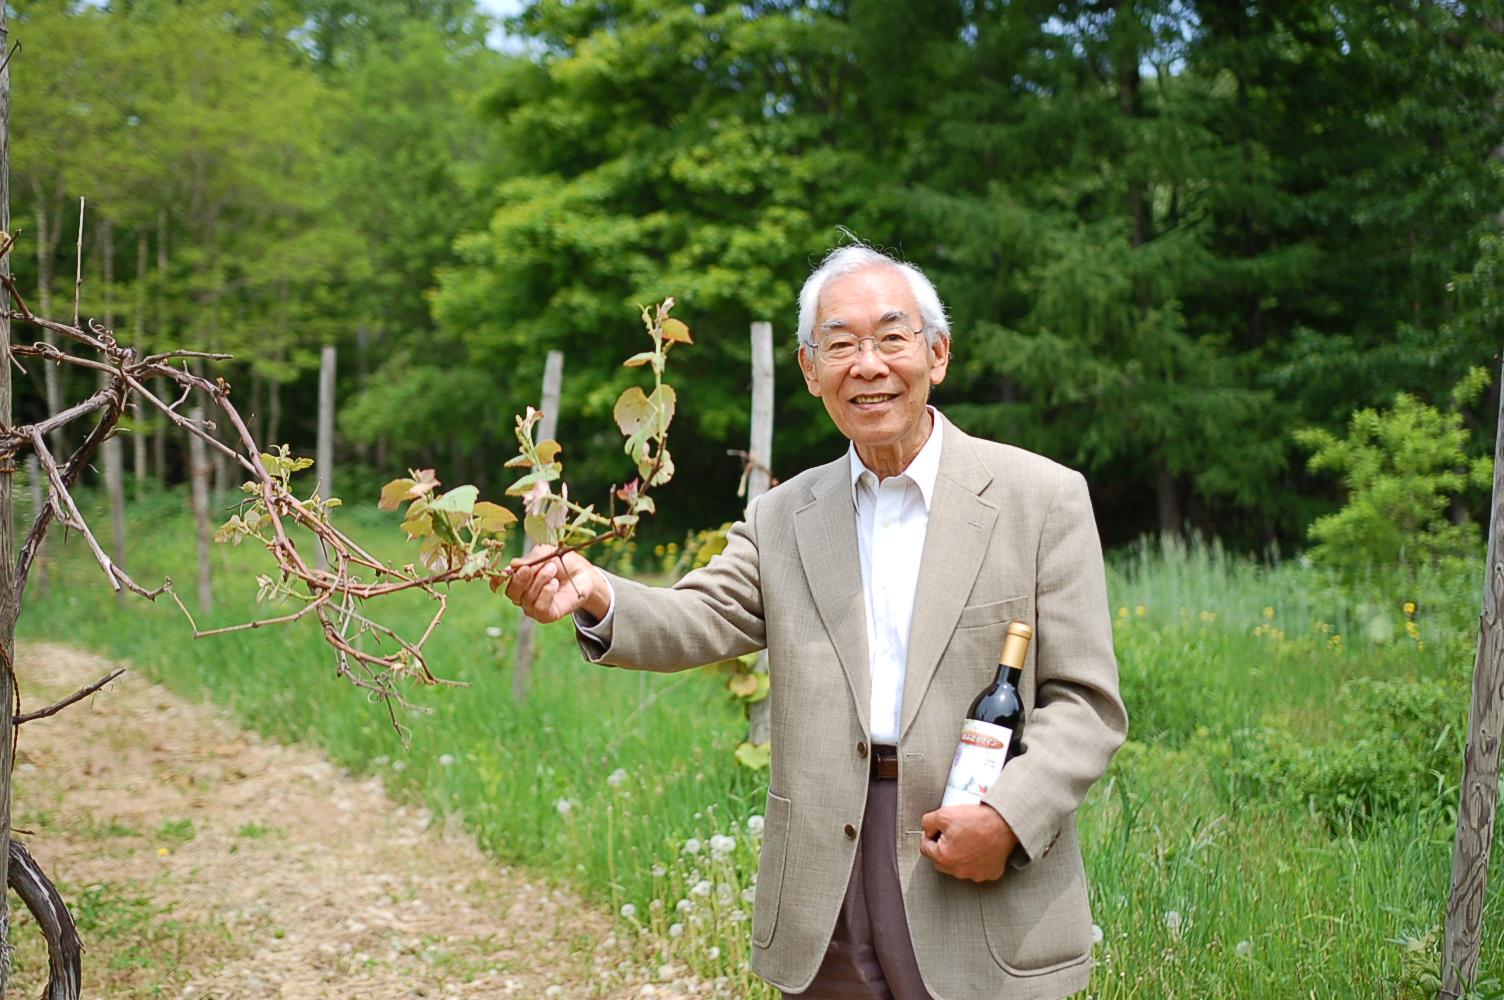 新ツアー登場! 日本一小さい?札幌の地元ワイナリーを訪ねる旅